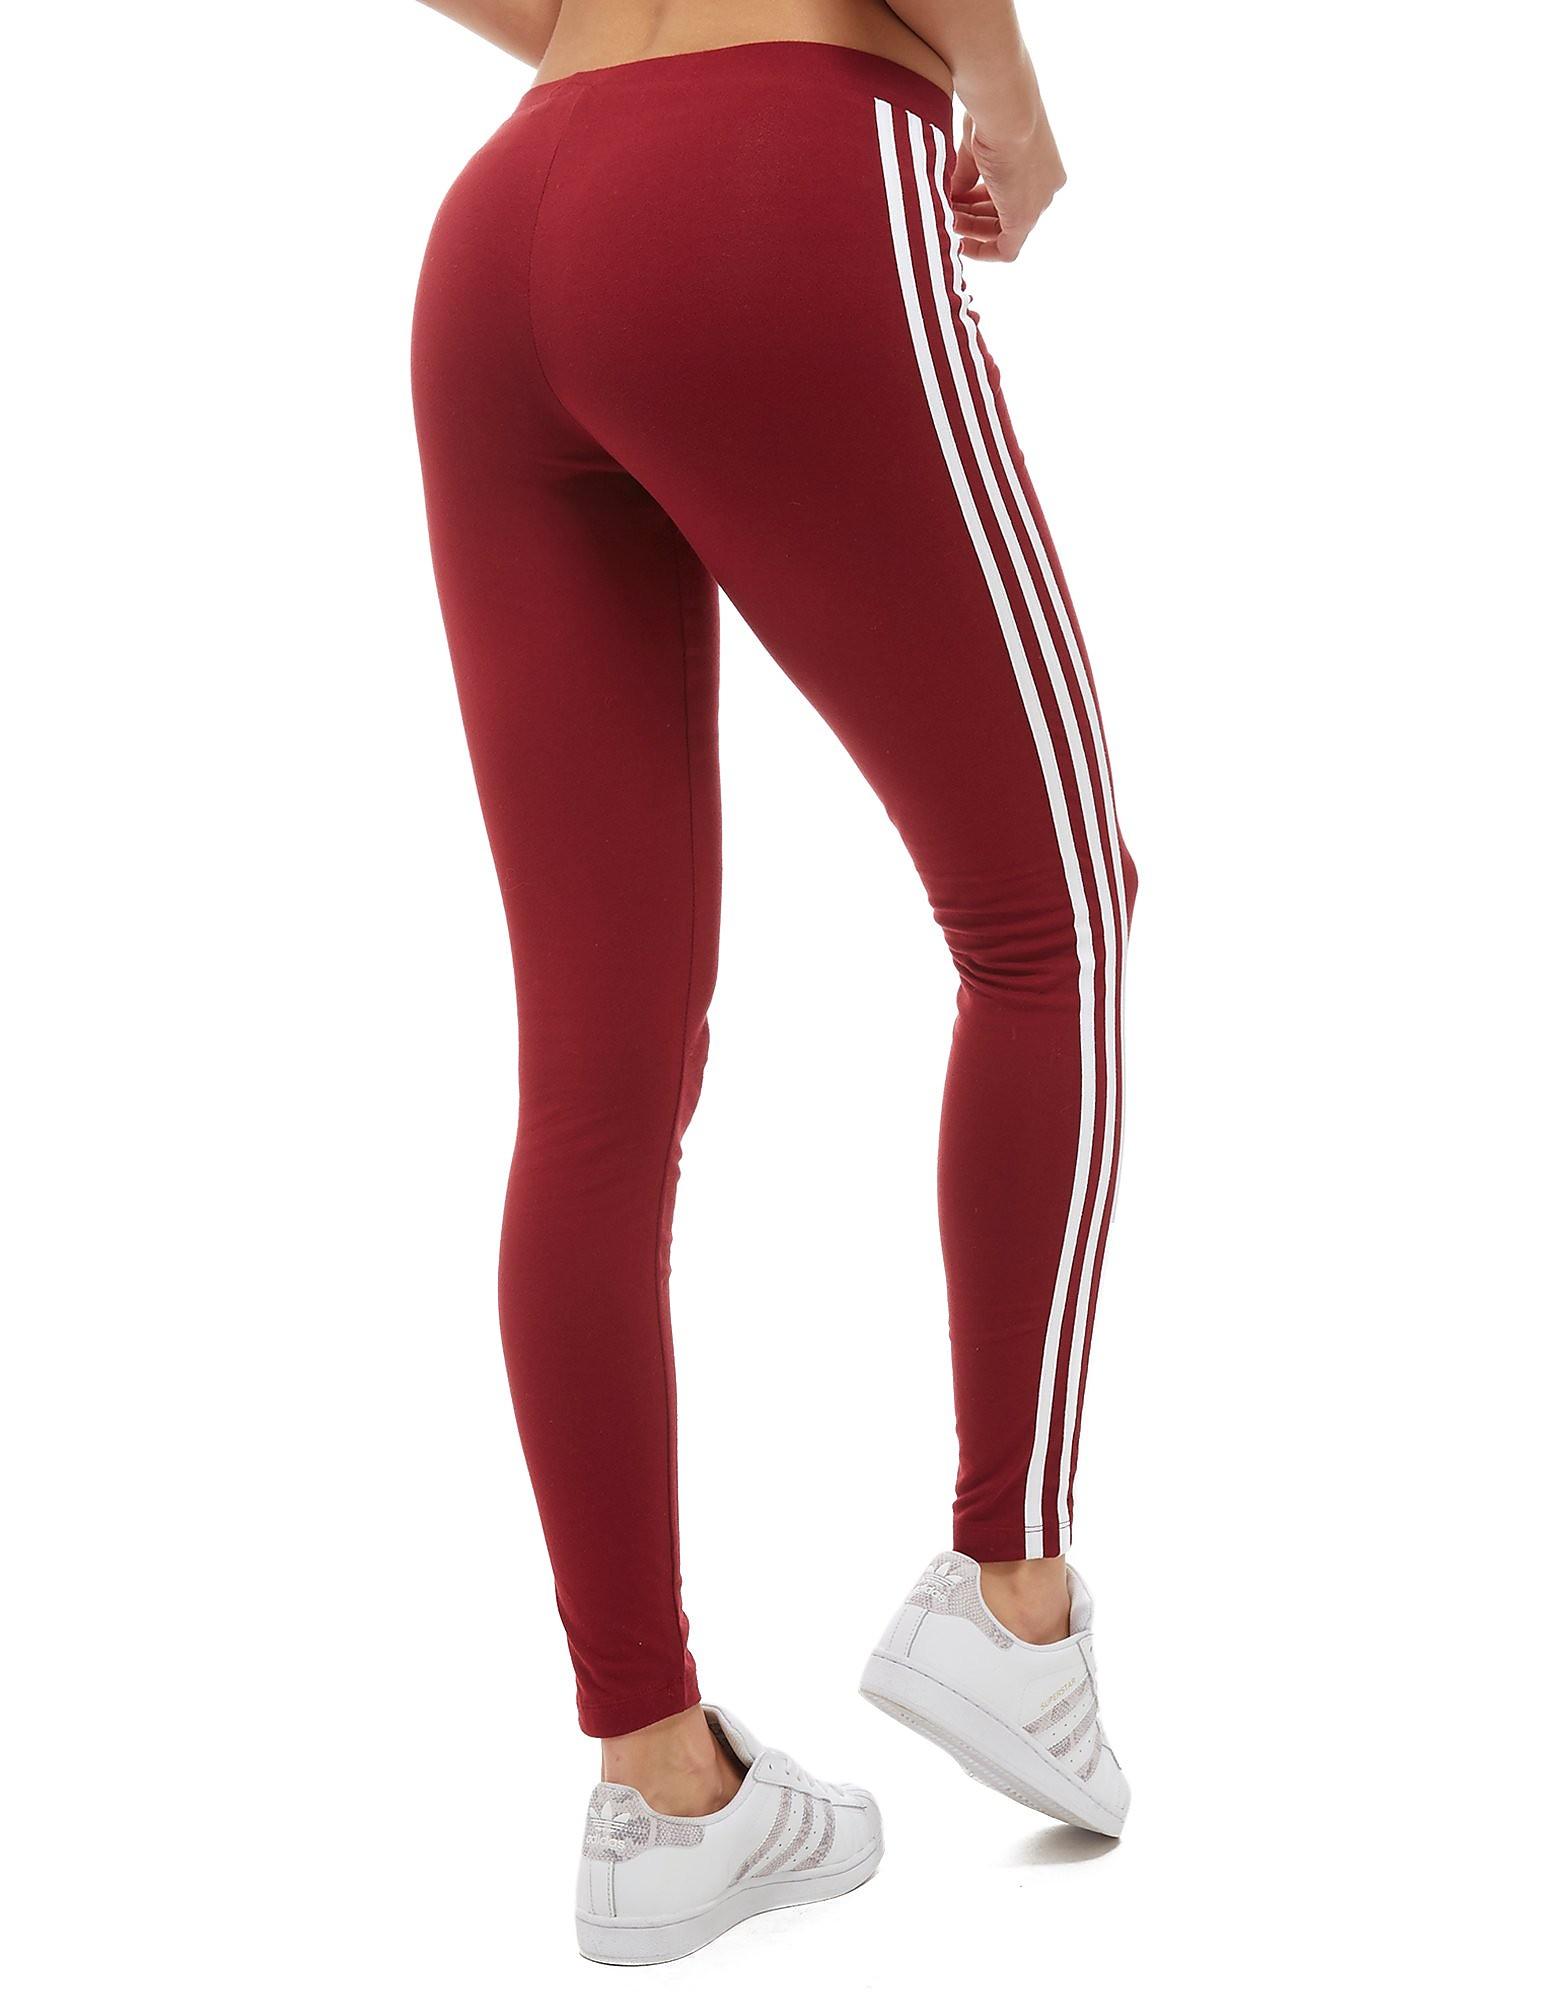 adidas Originals Legging 3-Stripes Femme